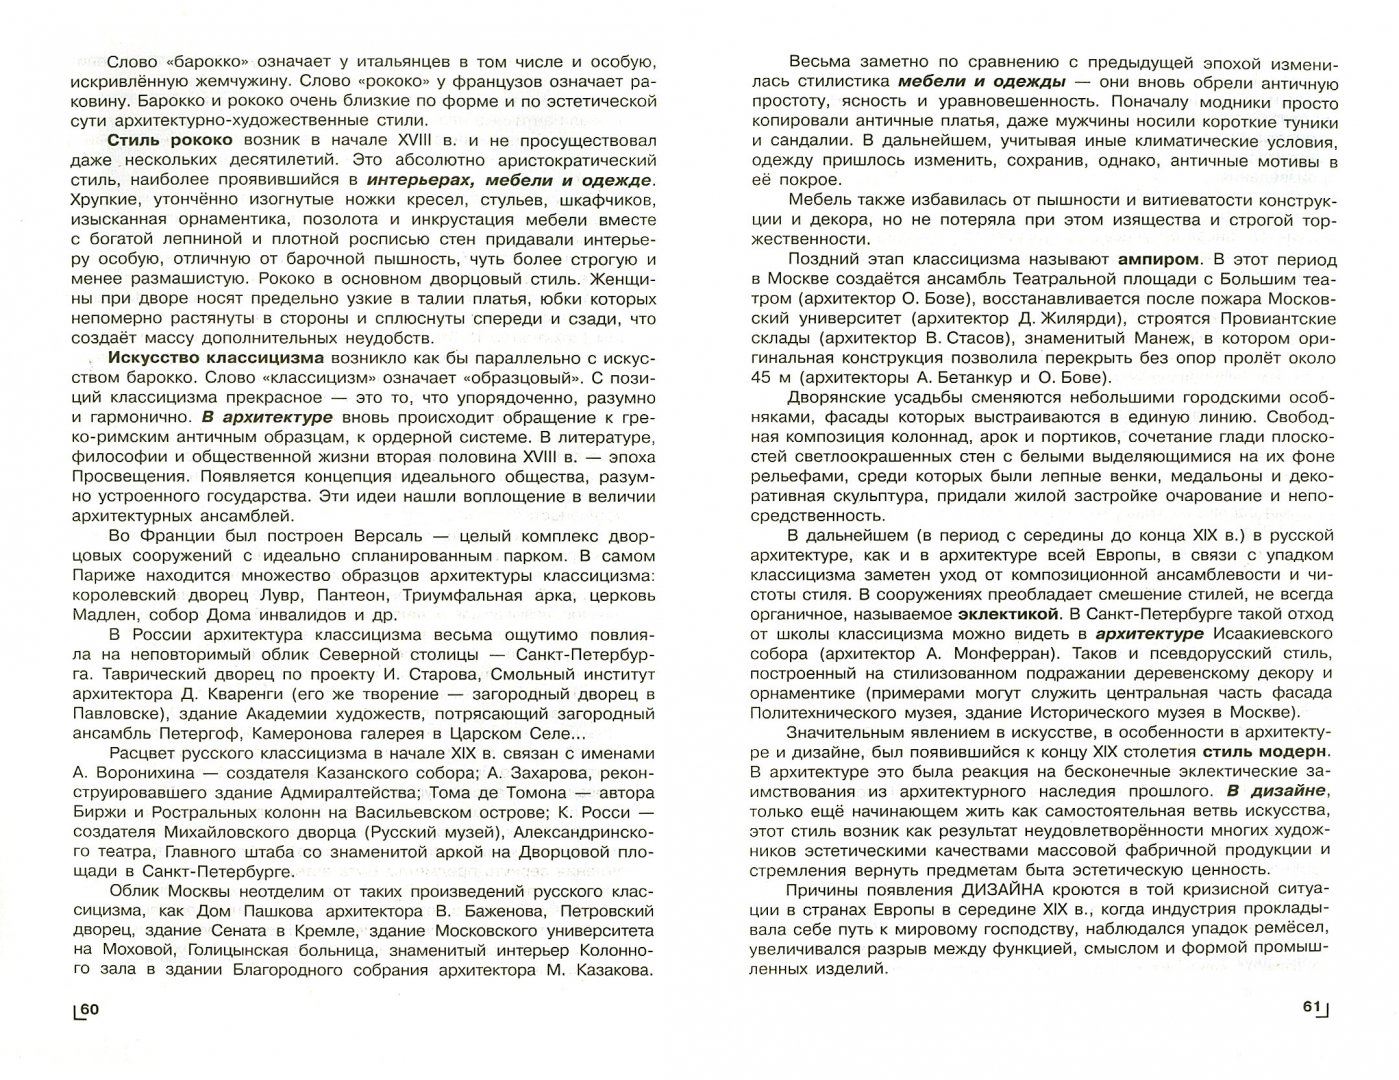 Иллюстрация 2 из 2 для Уроки изобразительного искусства. Дизайн и архитектура в жизни человека. 7 кл. Поурочные разработки - Питерских, Гуров   Лабиринт - книги. Источник: Лабиринт